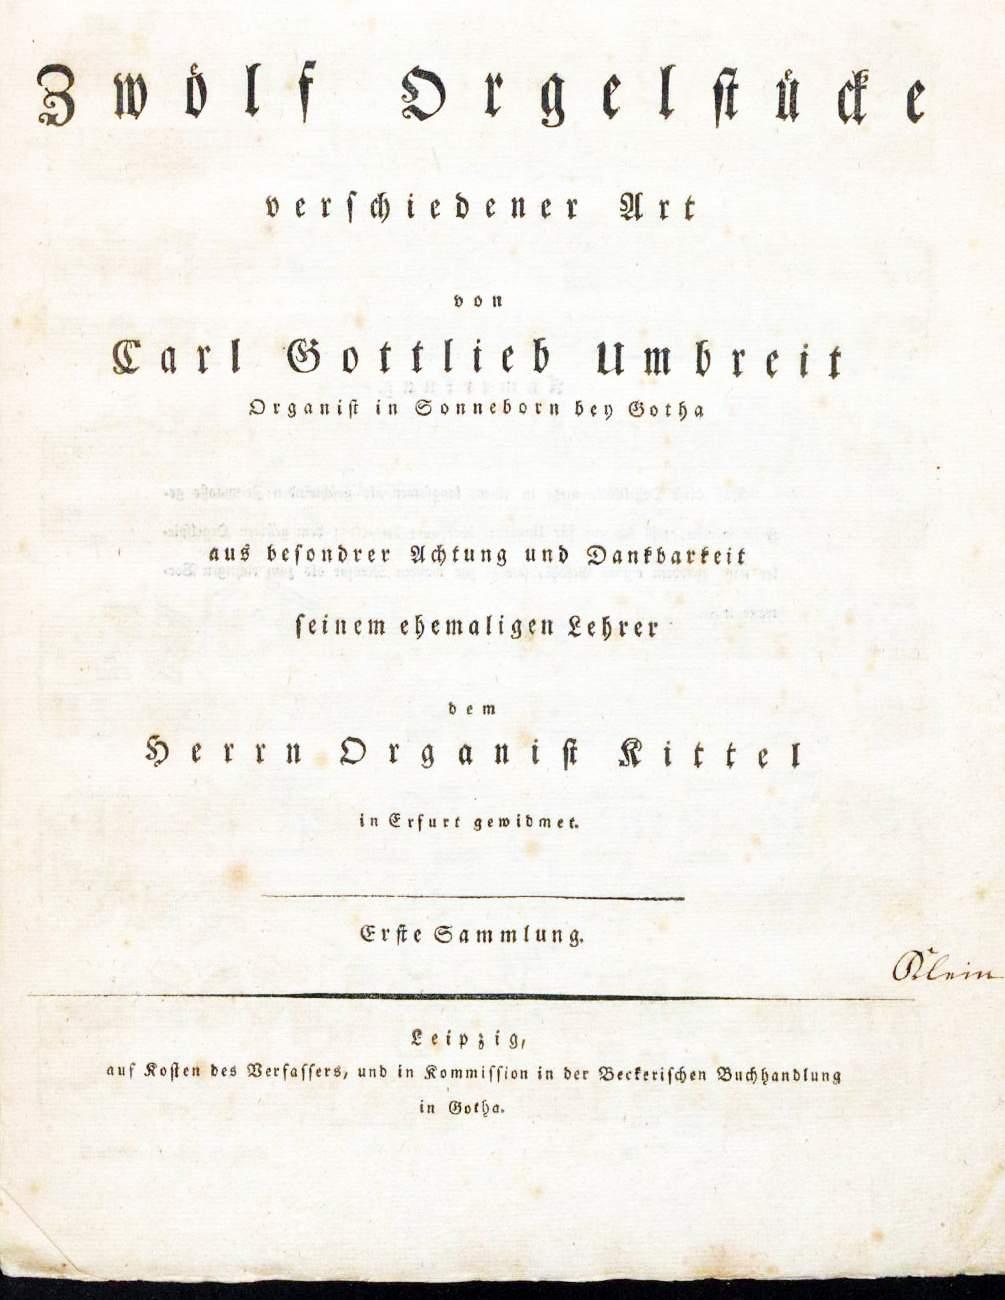 Umbreit, Karl Gottlieb: Fantasia für die volle Orgel in D